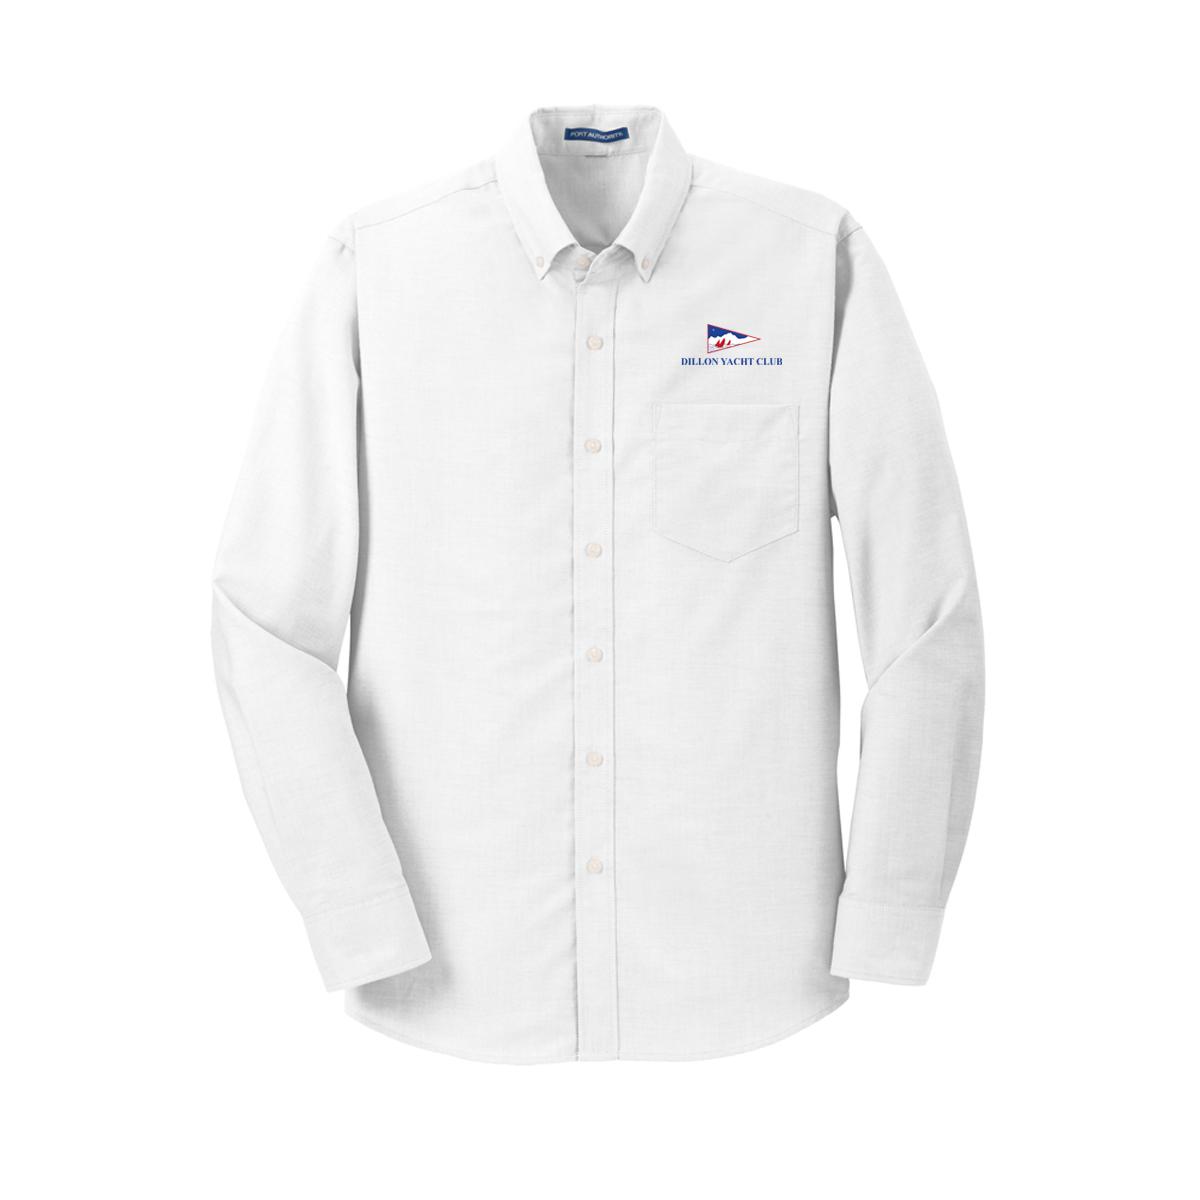 Dillon Yacht Club - Men's Oxford Shirt